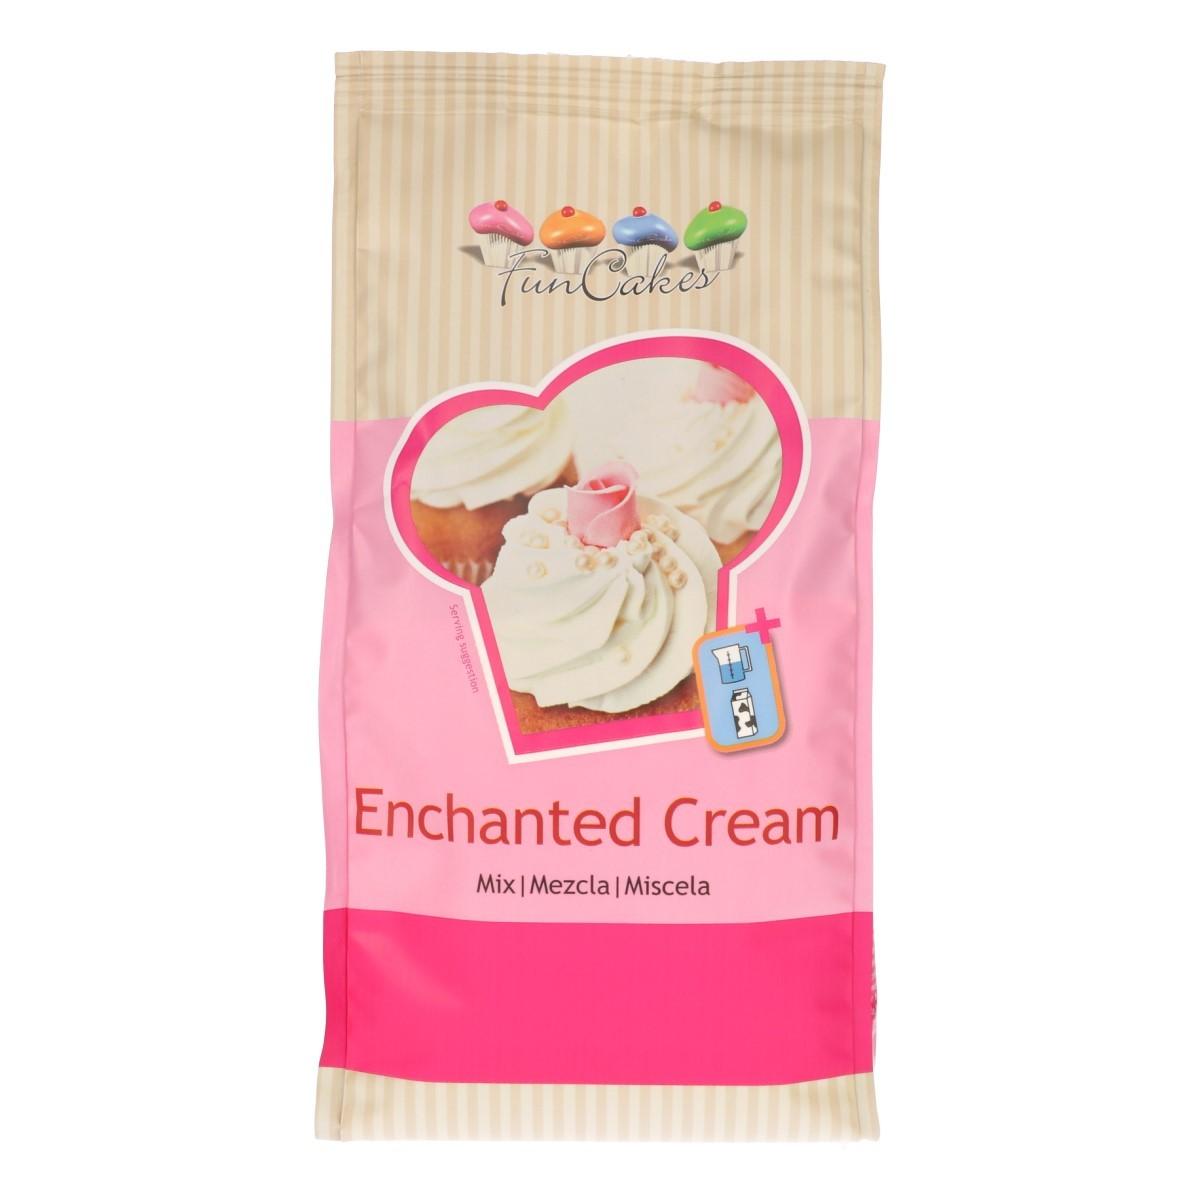 FunCakes Mix voor Enchanted Cream 900g